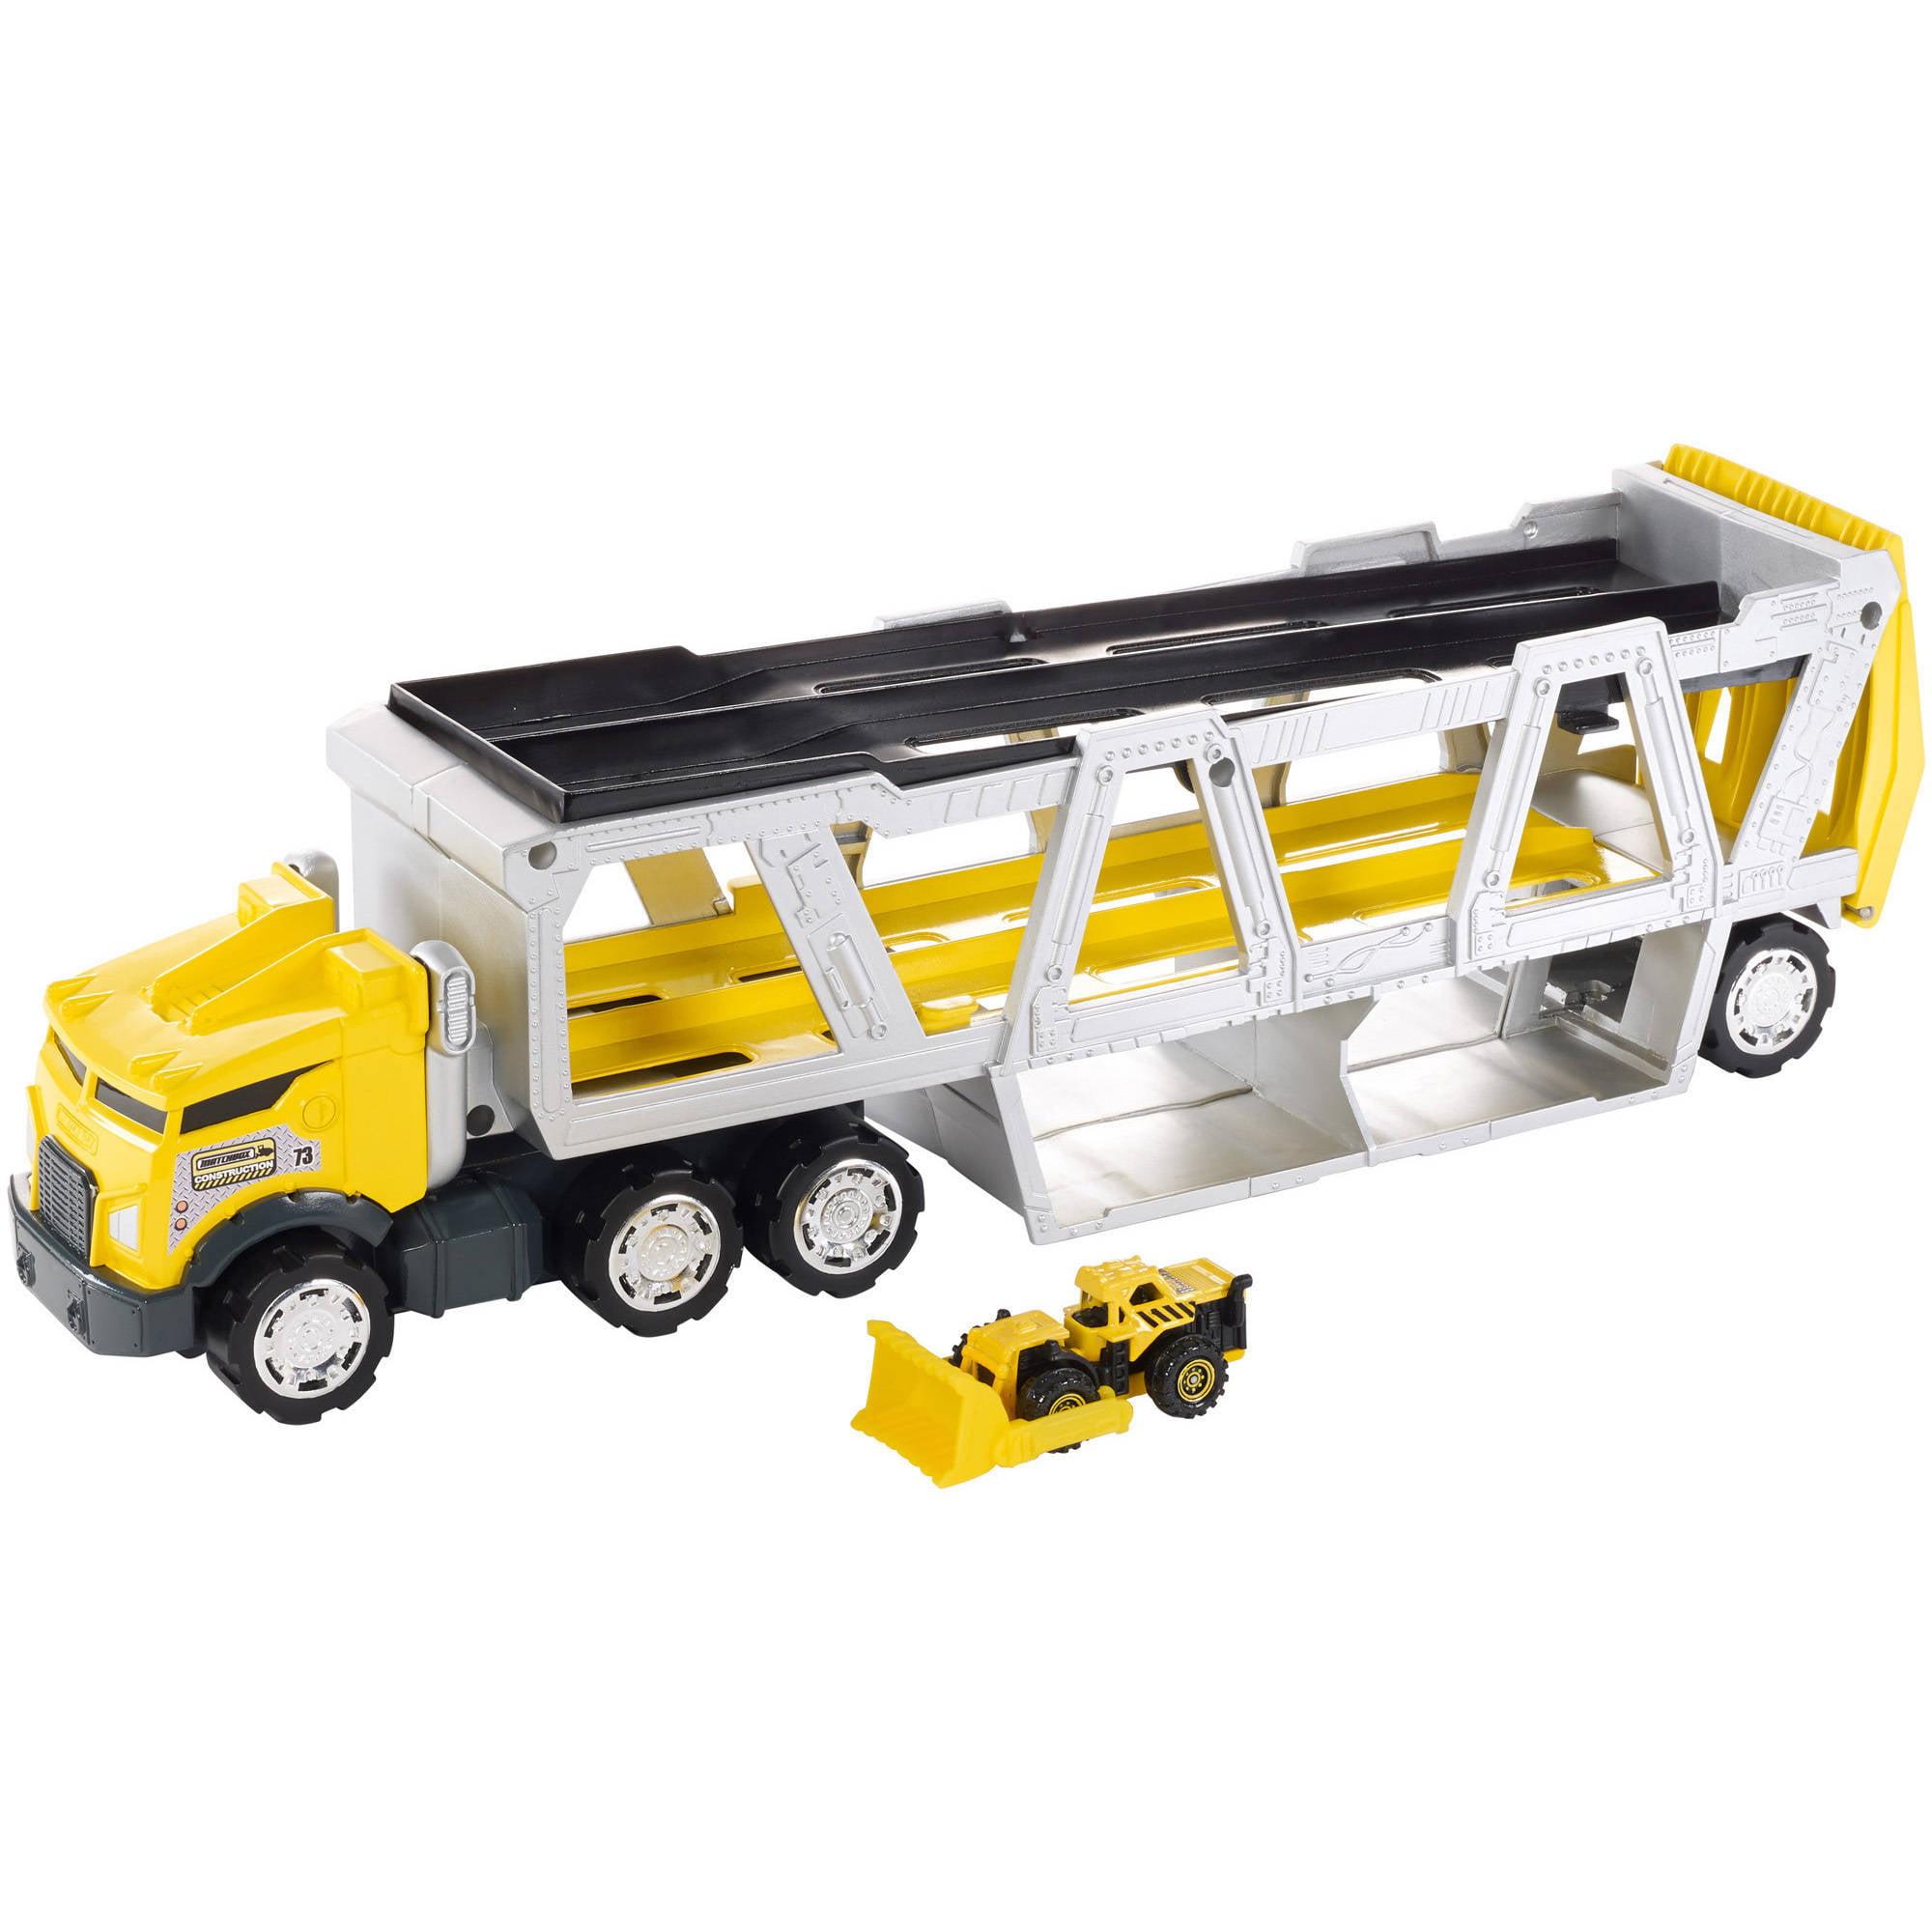 Matchbox Construction Transporter by Mattel